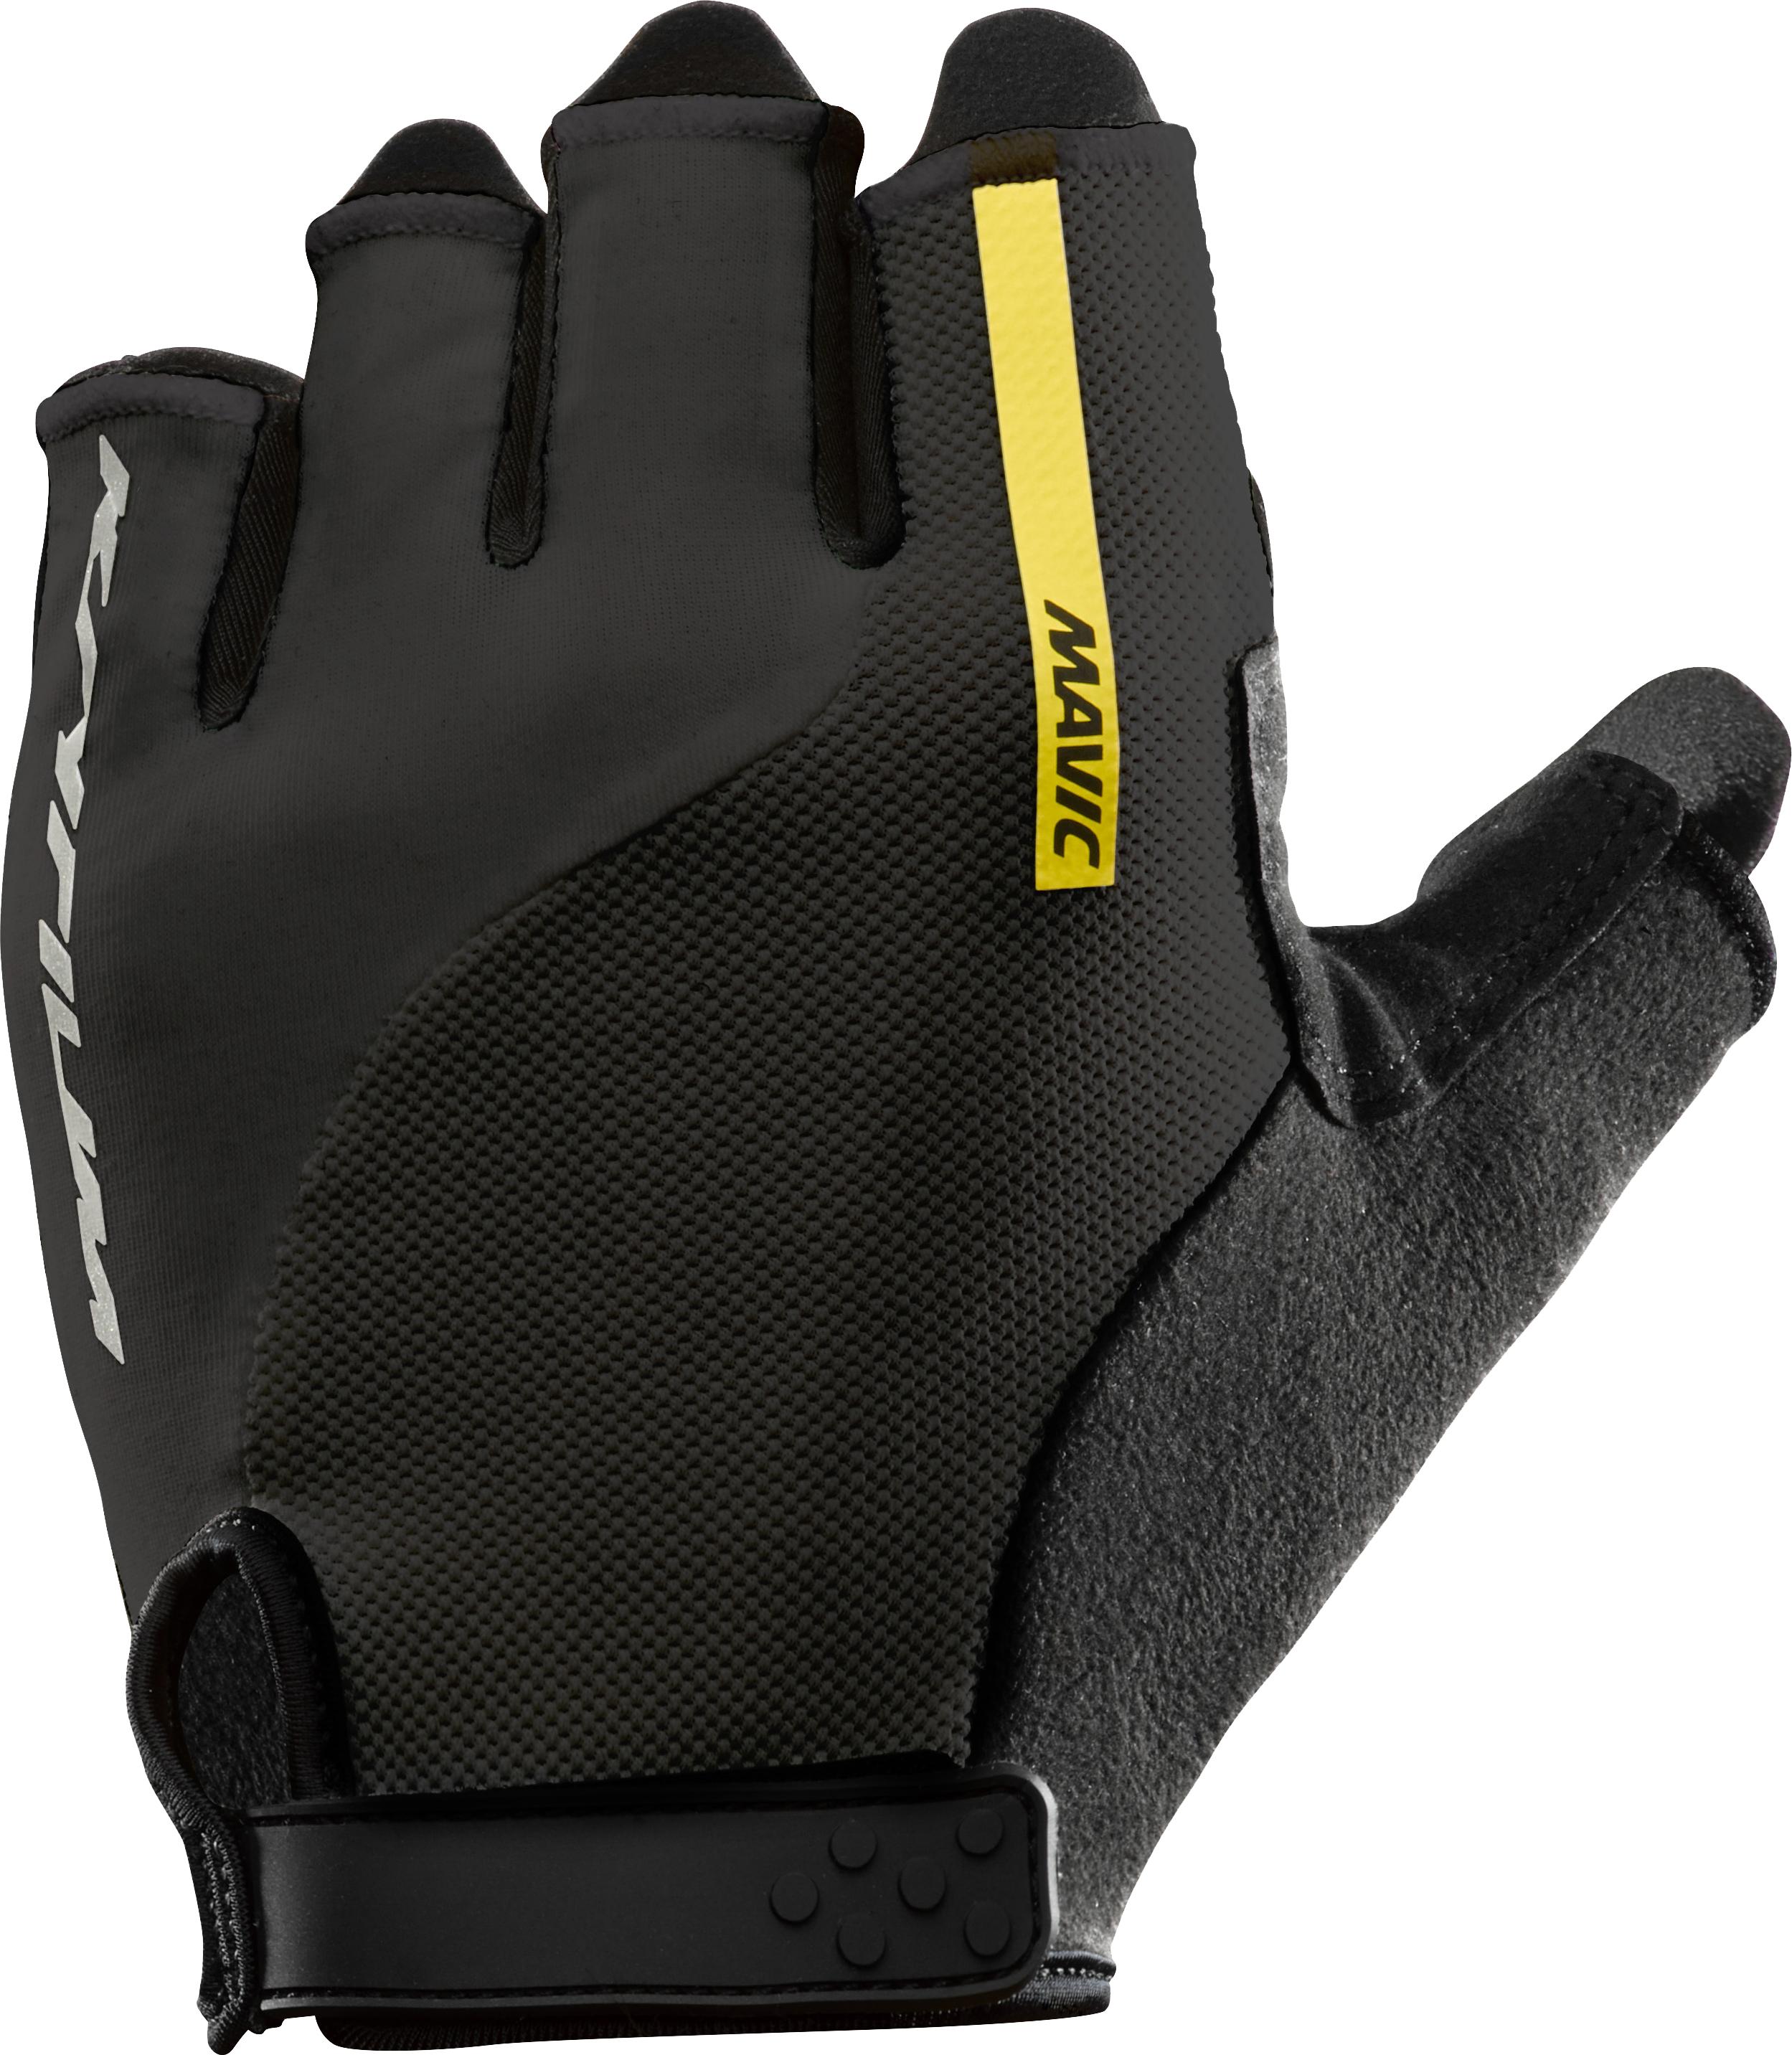 Fingerless gloves edmonton - Ksyrium Elite Glove Black